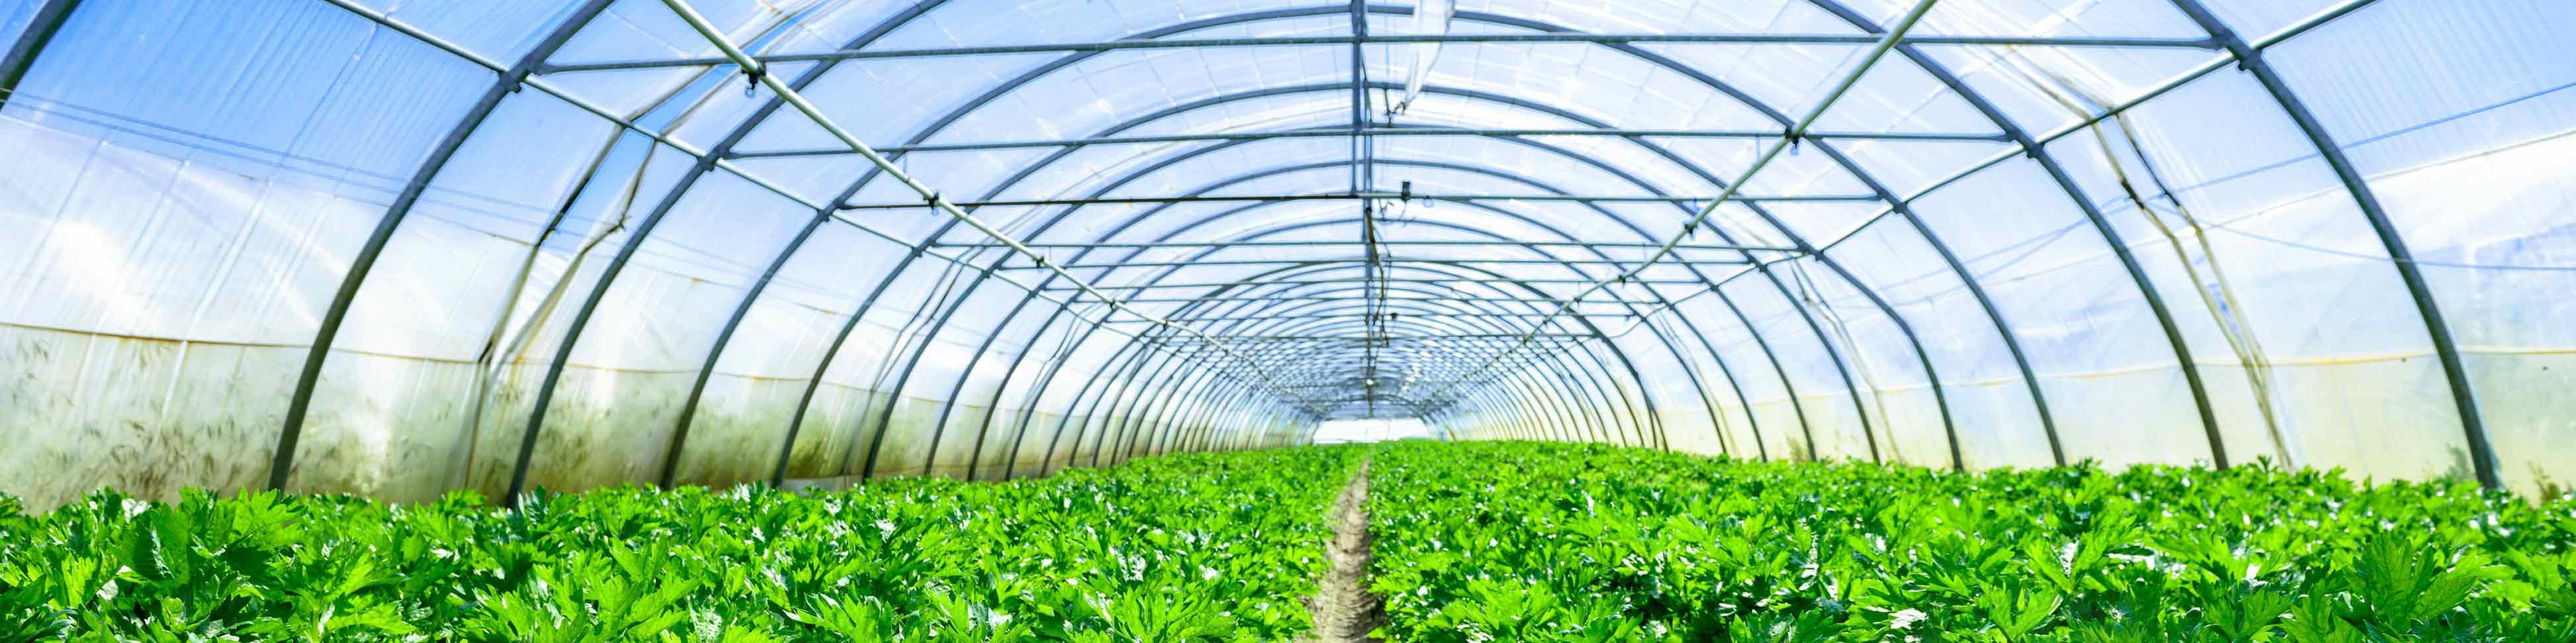 Serre de jardin : comment choisir ? Les conseils Atout Loisir